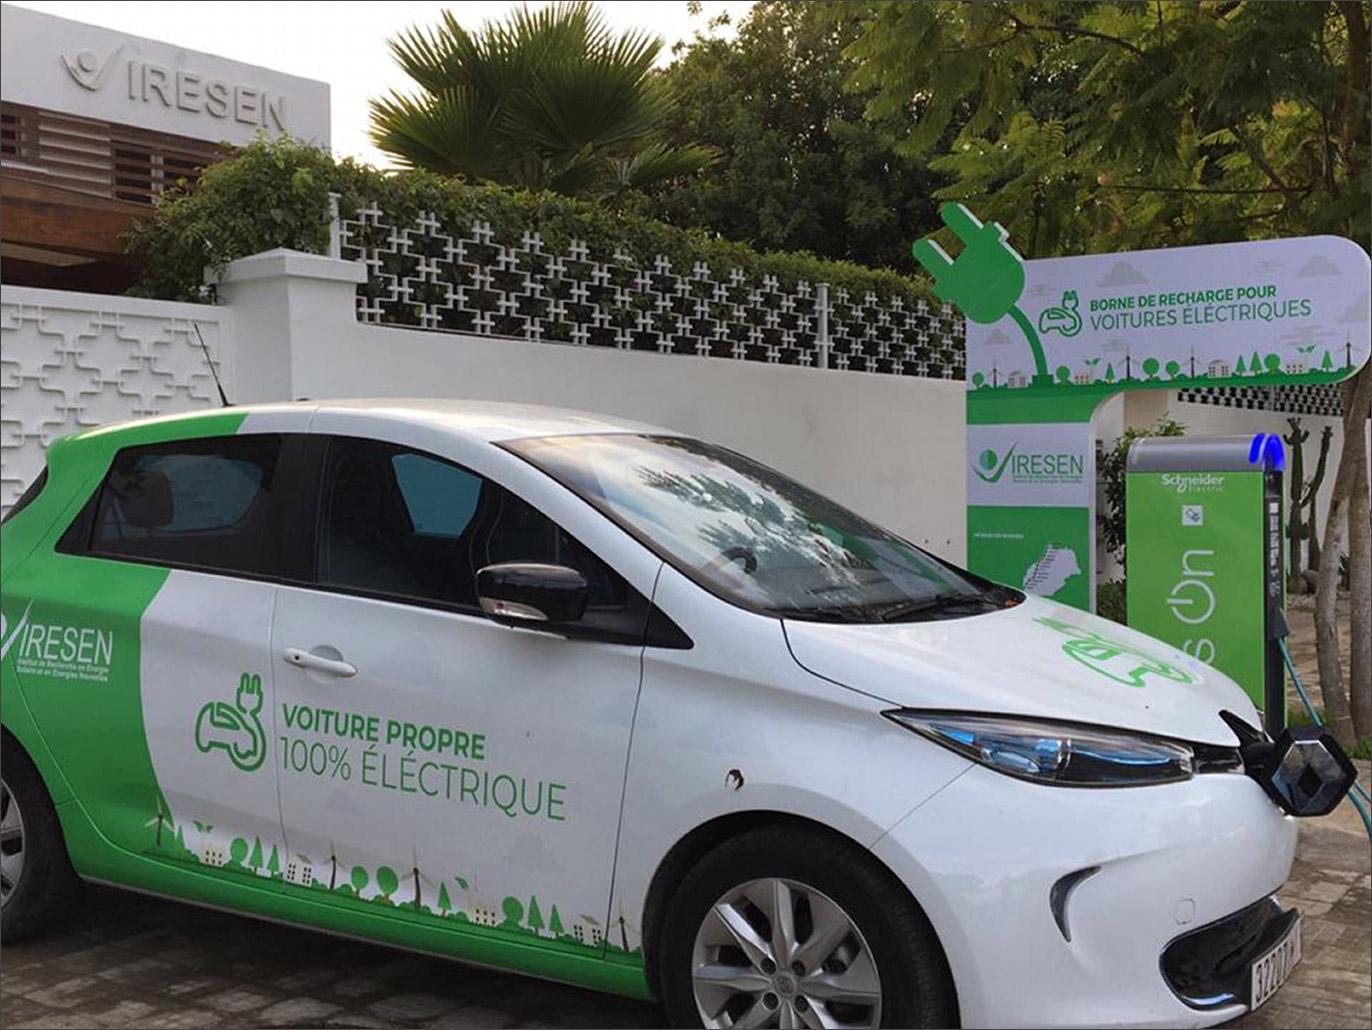 تُعَّدُ البطاريات من العناصر المهمة للسيارات الكهربائية في المناخات شديدة الحرارة